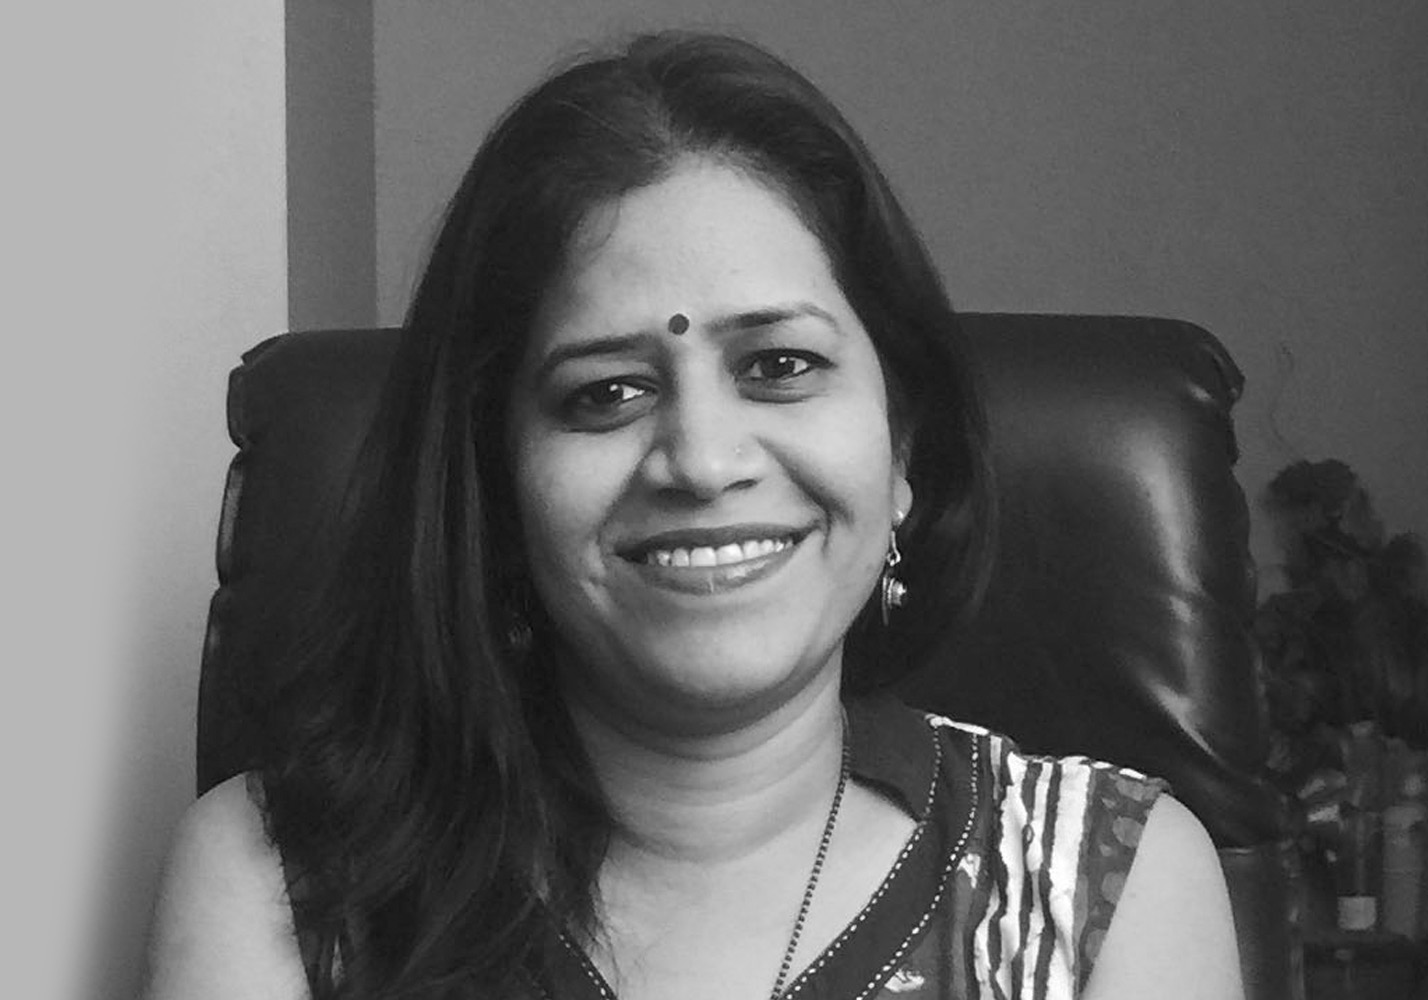 Deepti Kshirsagar